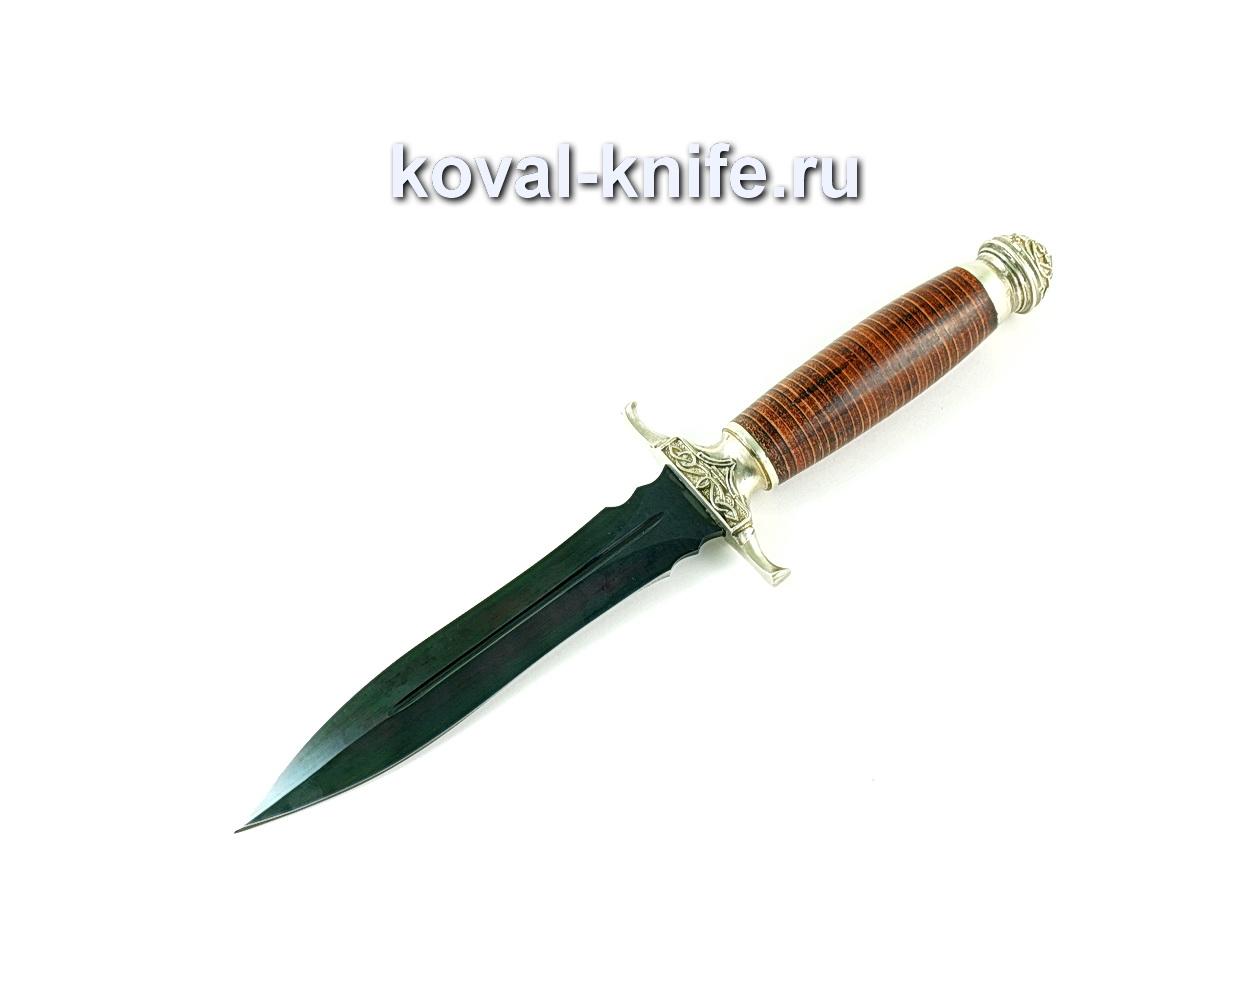 Нож Кардинал (сталь У10), рукоять кожа, литье A177